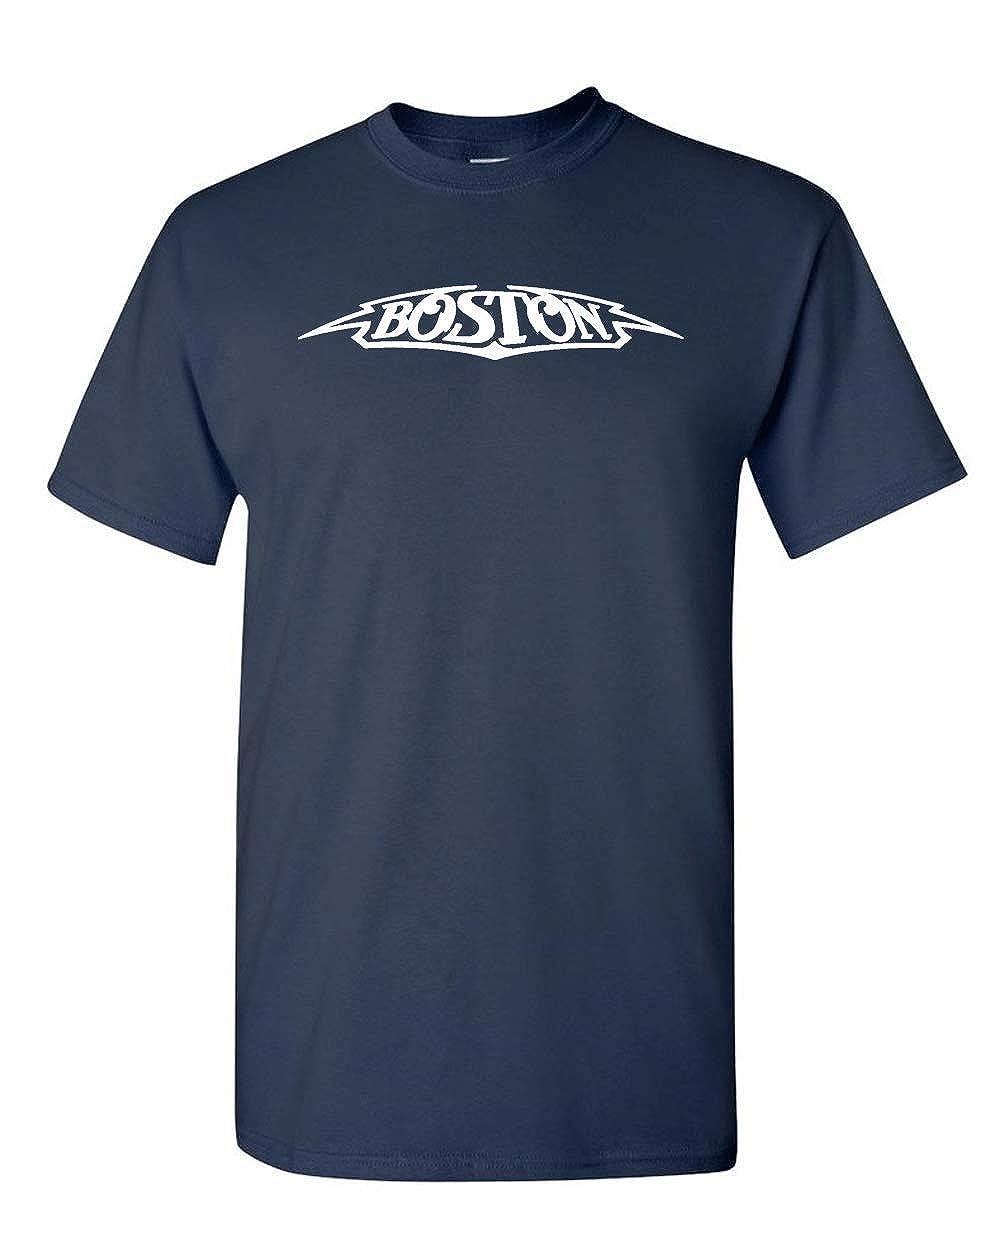 b0ae5134 Amazon.com: Boston T-Shirt - Classic Rock Band: Clothing